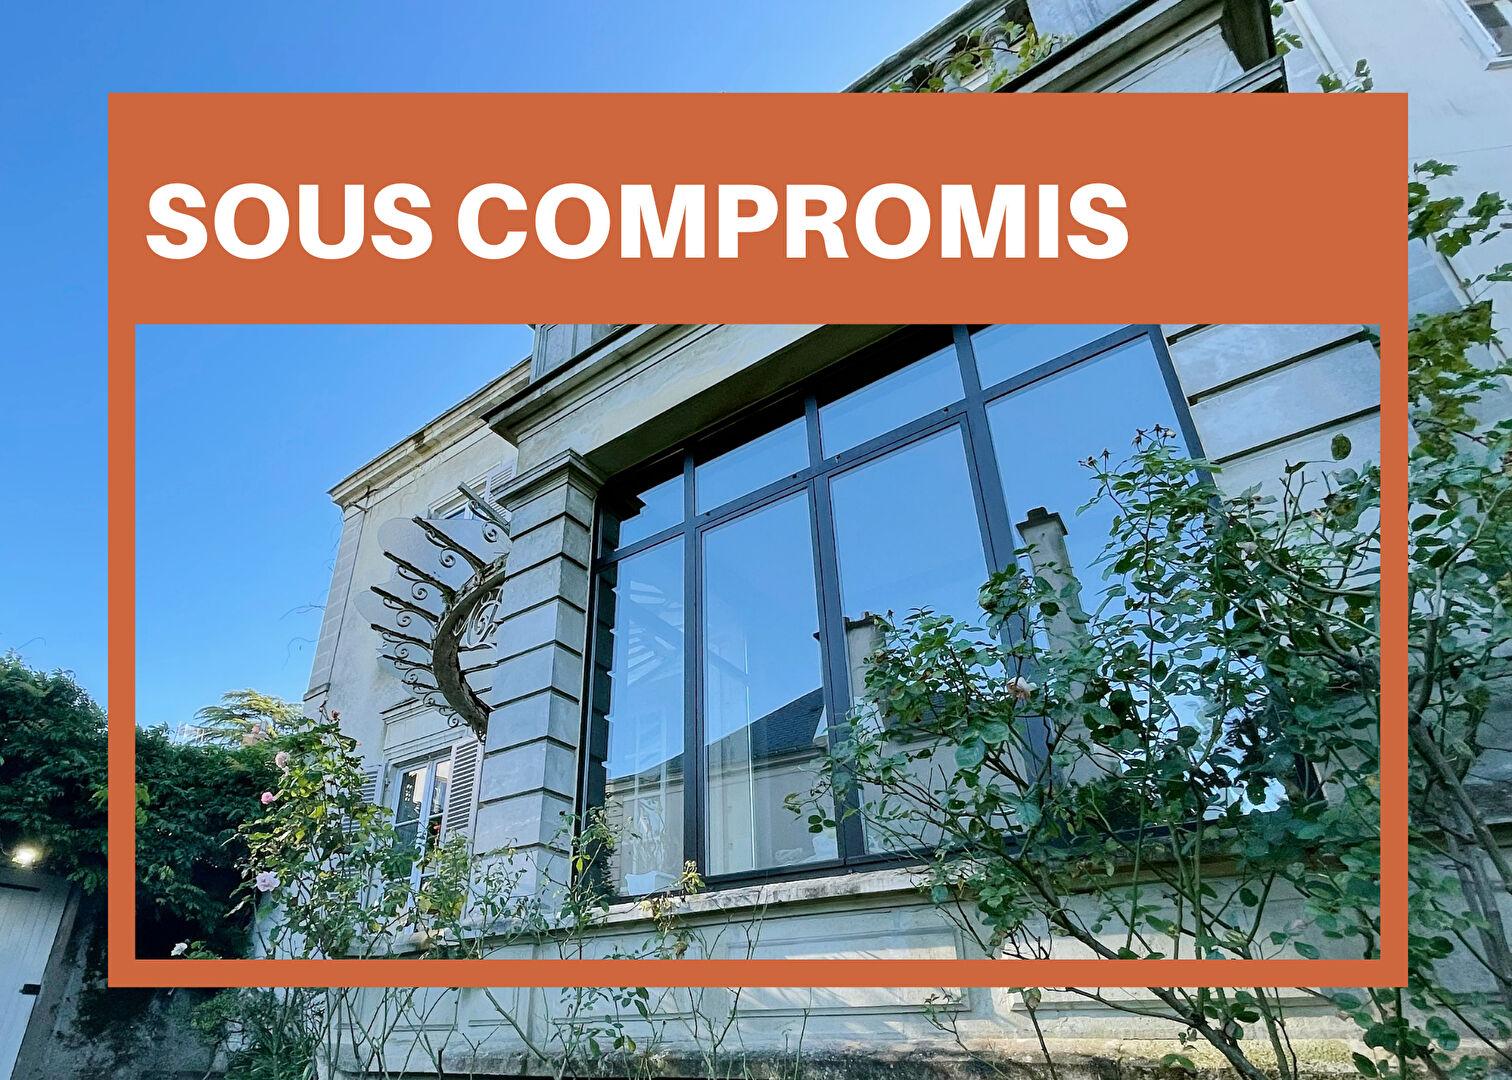 Maison bourgeoise quartier Monselet - 6 chambres, jardin clos , stationnements